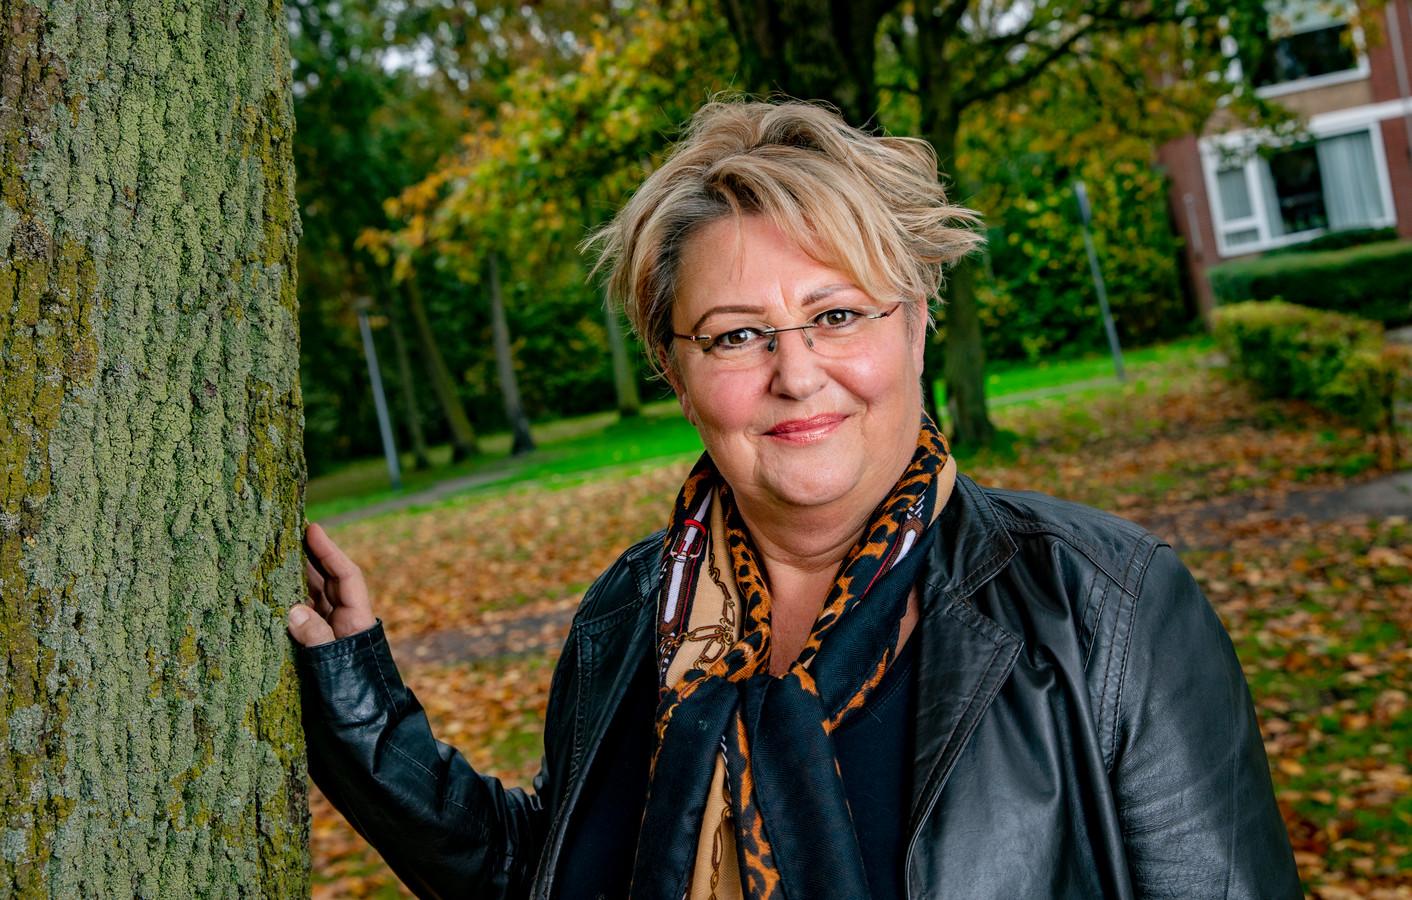 Wilma Terburg uit Meppel was taxichauffeur. Door de coronacrisis was er voor haar geen werk meer.